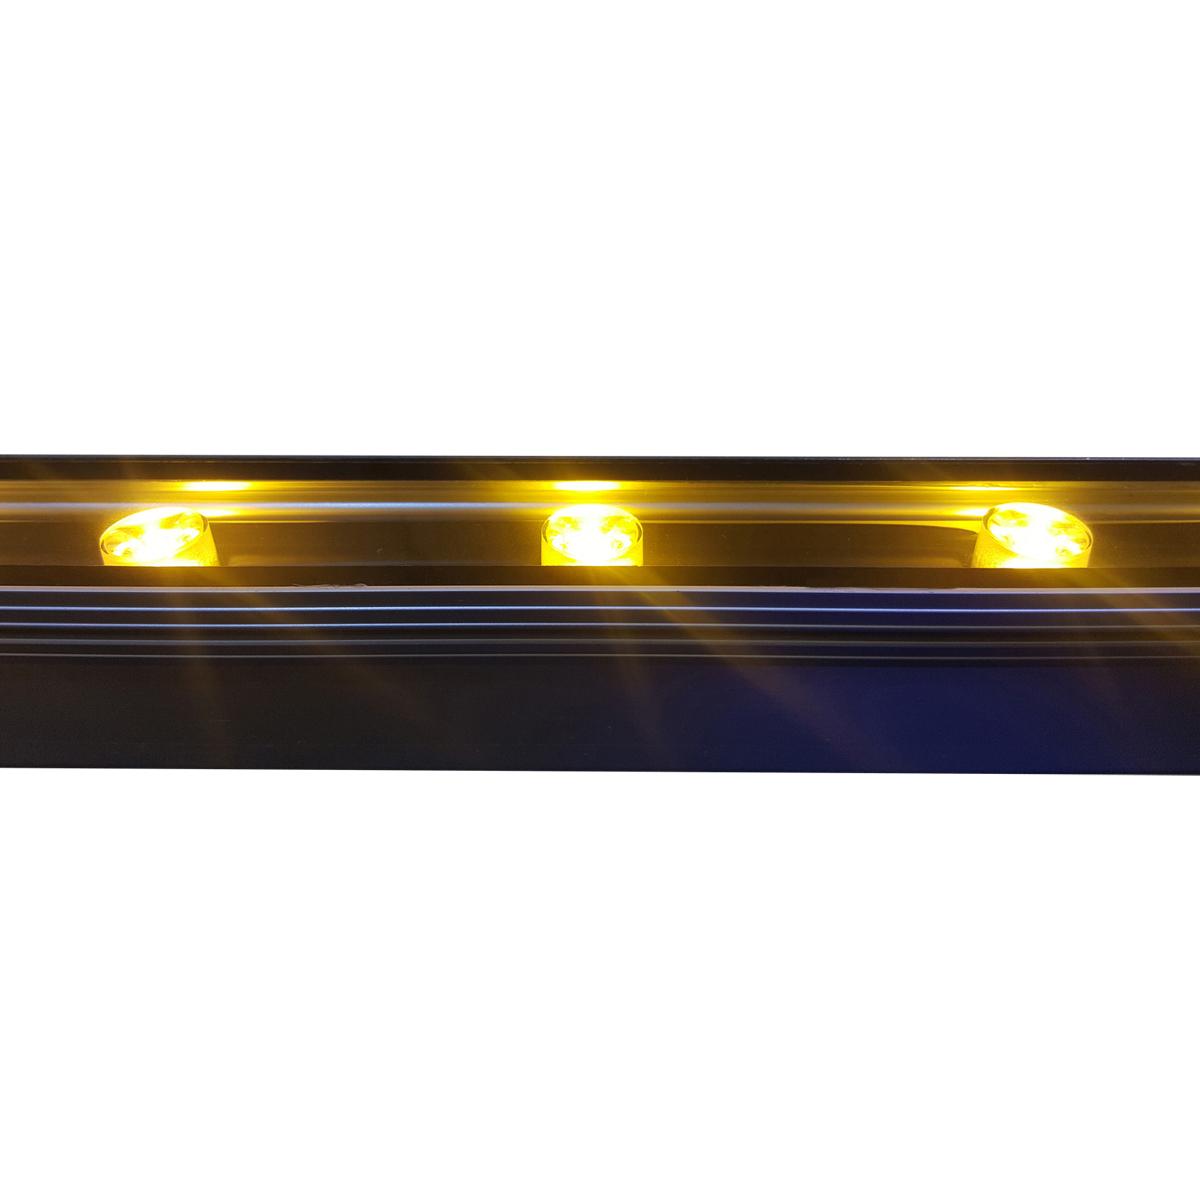 چراغ وال واشر 6 وات اف اس پی مدل 112